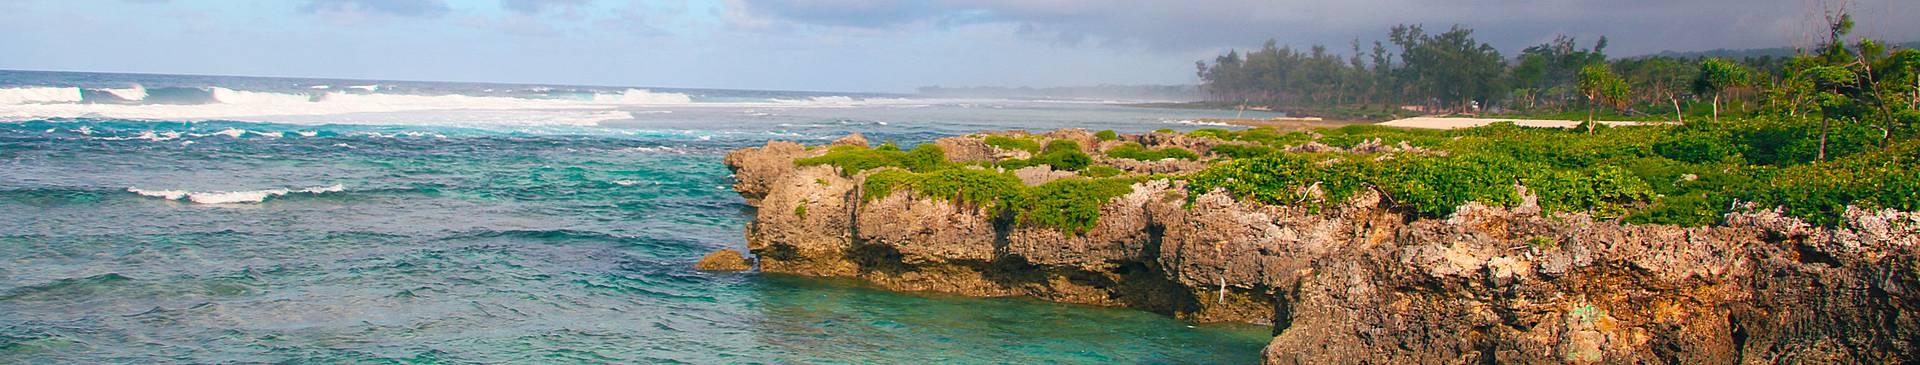 Découverte des îles de Vanuatu